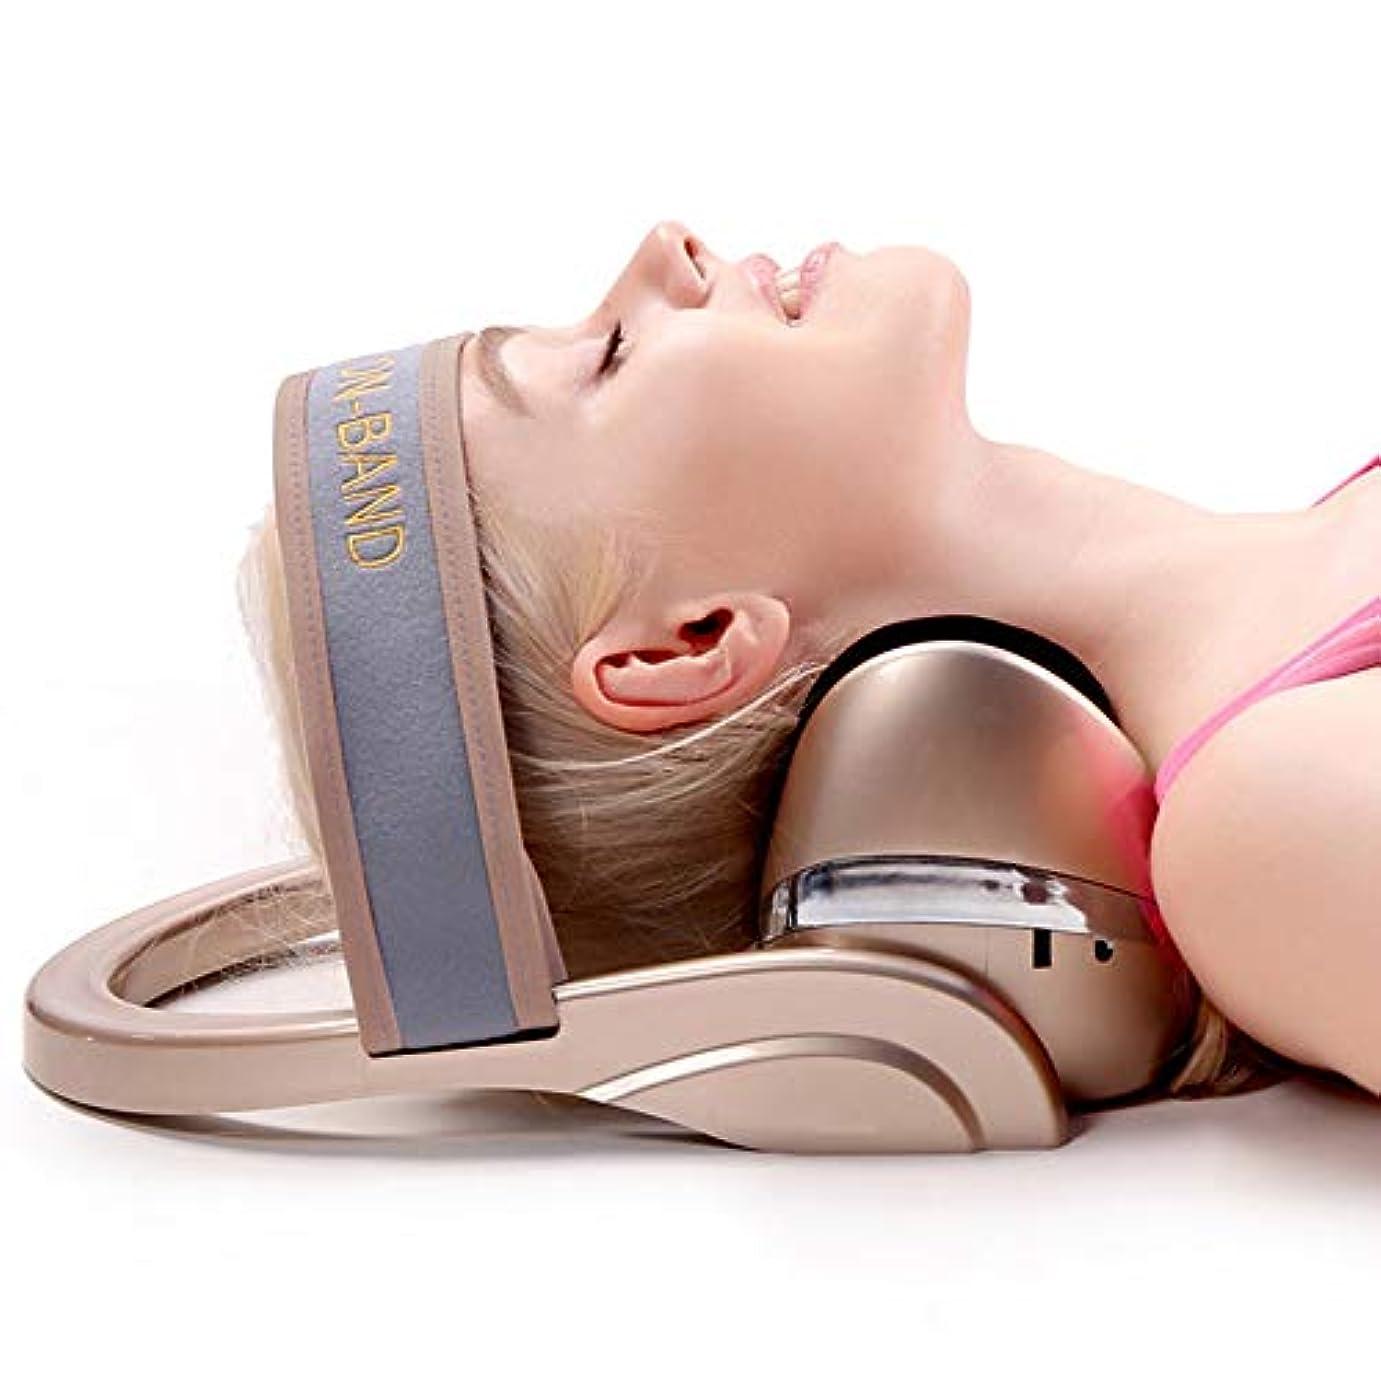 議会インシュレータオート整形外科の救助の首およびサポート肩の上部の背骨の緩い苦痛のマッサージの牽引のための電気頚椎のマッサージの弛緩の枕